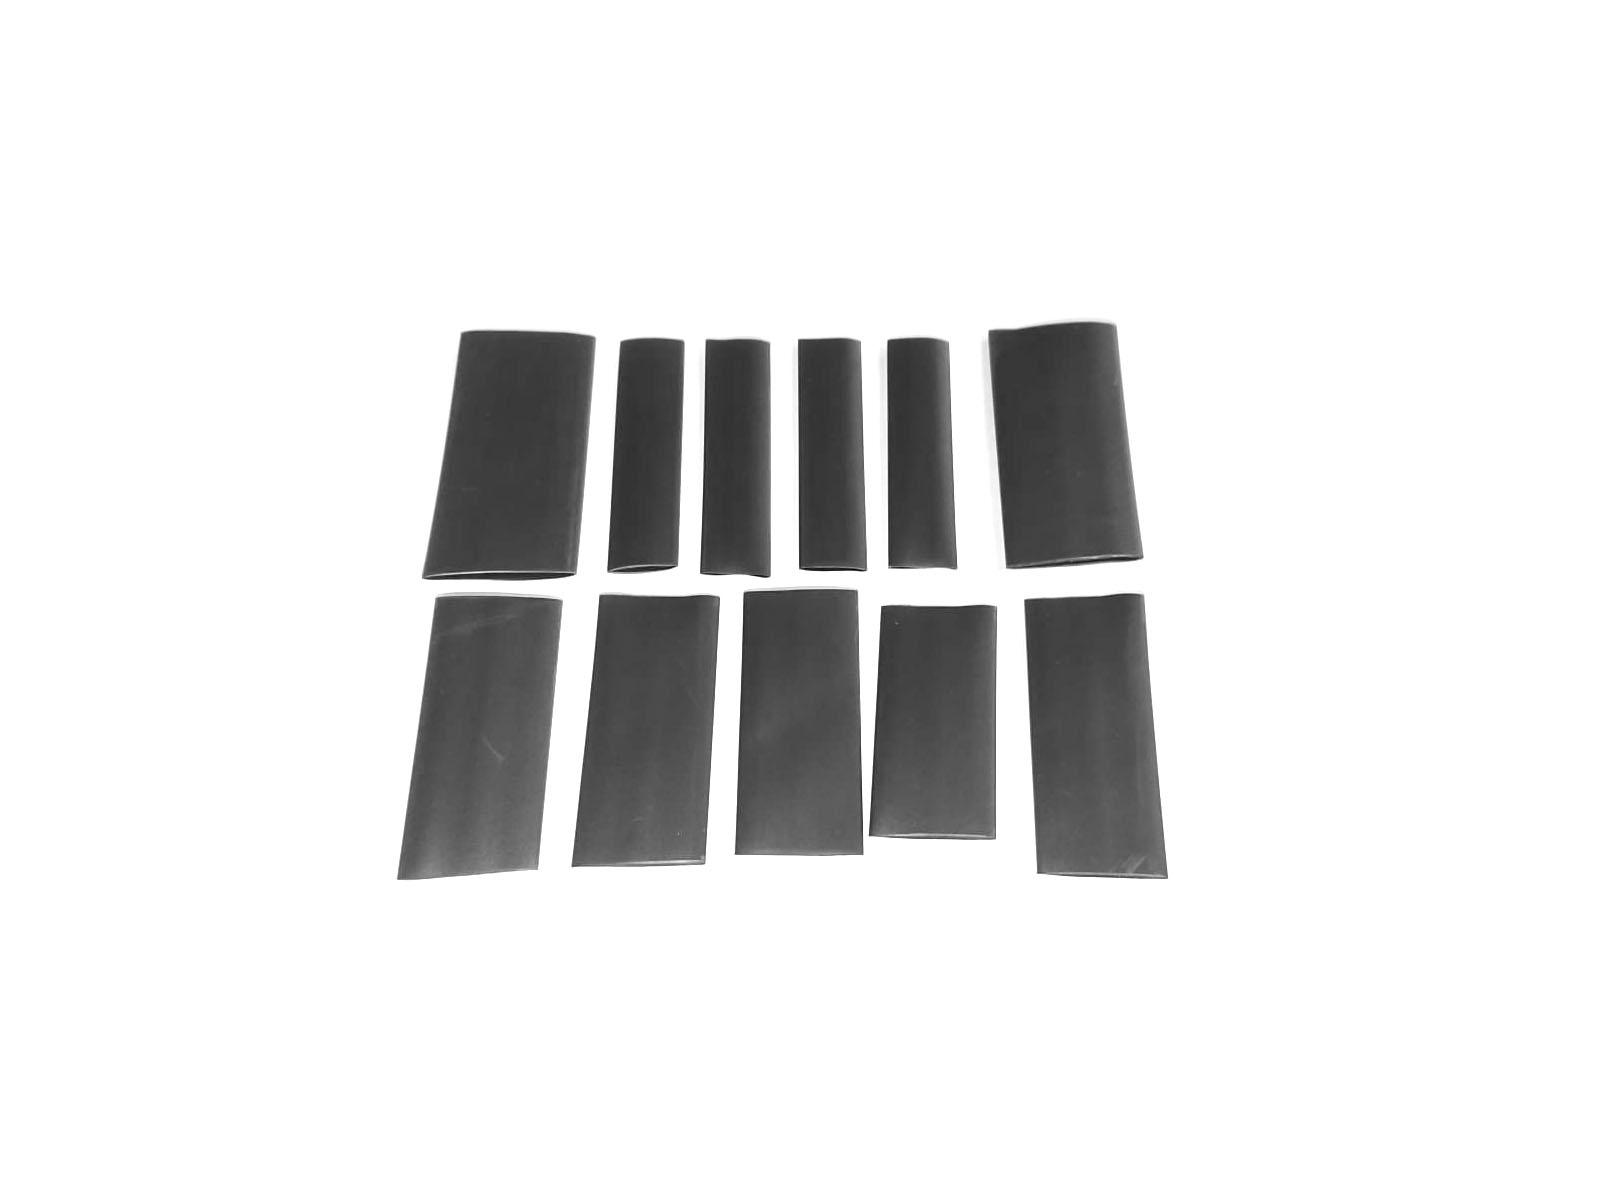 Schrumpfschlauch-Set (11 teilig)